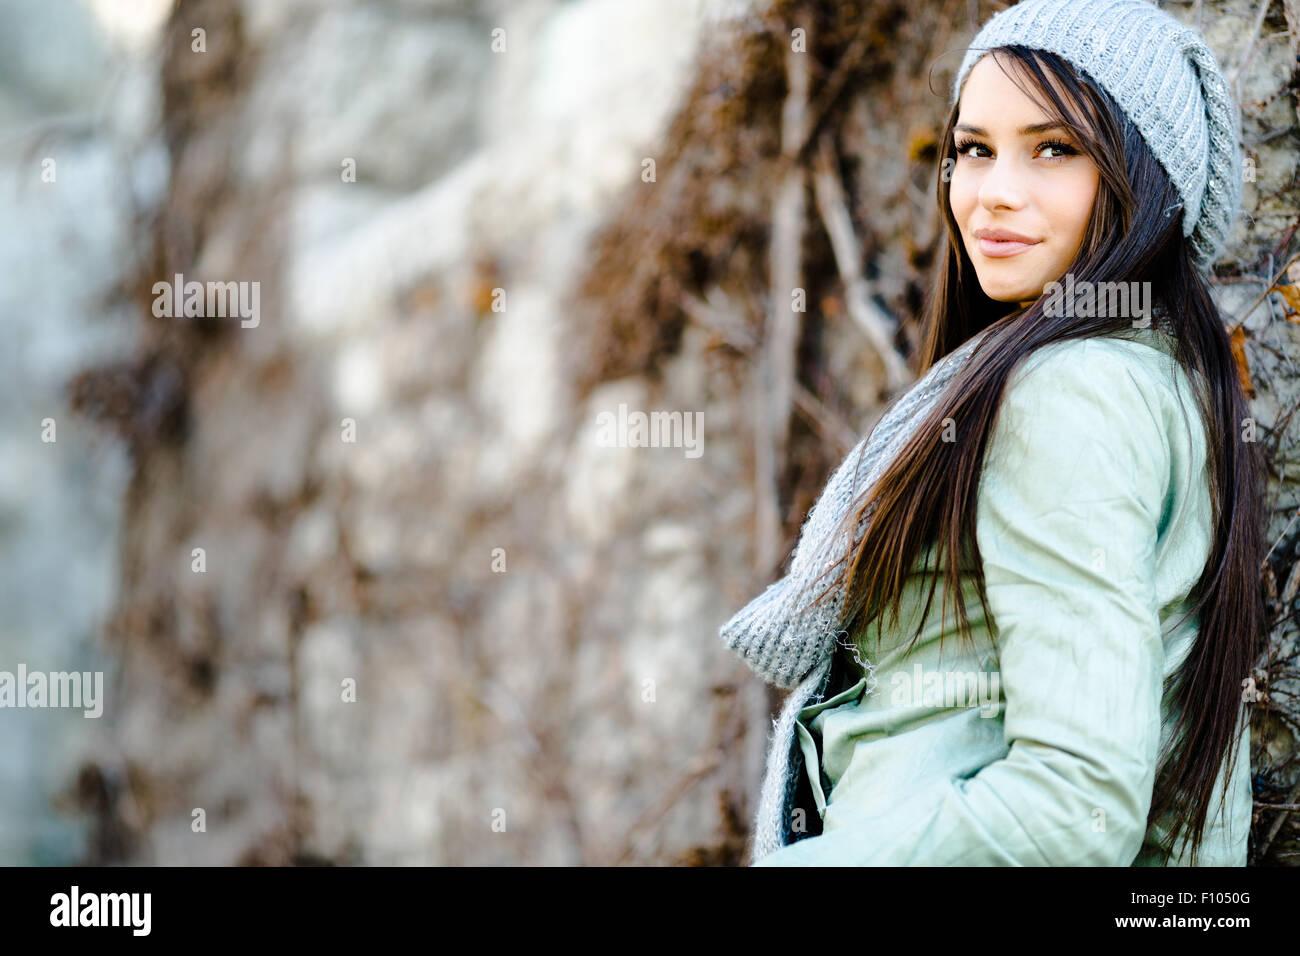 Retrato de una joven mujer hermosa en otoño como ambiente apoyado contra una pared Imagen De Stock